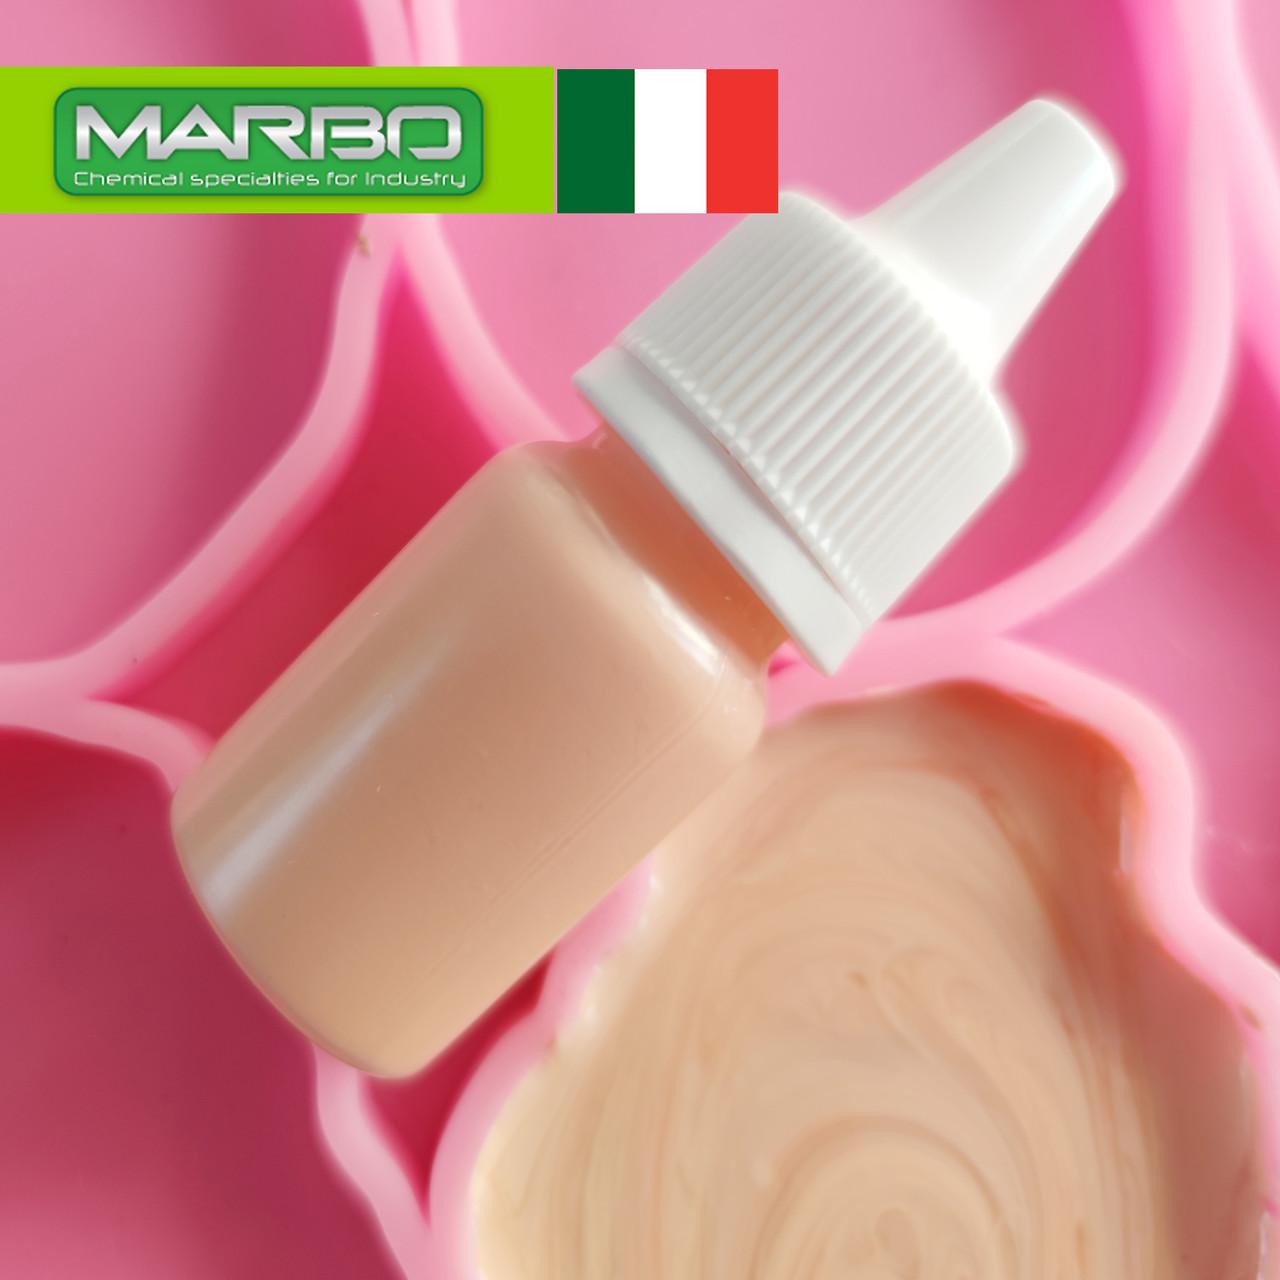 """Marbo (Італія) пігмент """"Персиковий""""для смол і поліуретанів, професійний. Марбо, 73.Серія PASTELLO"""